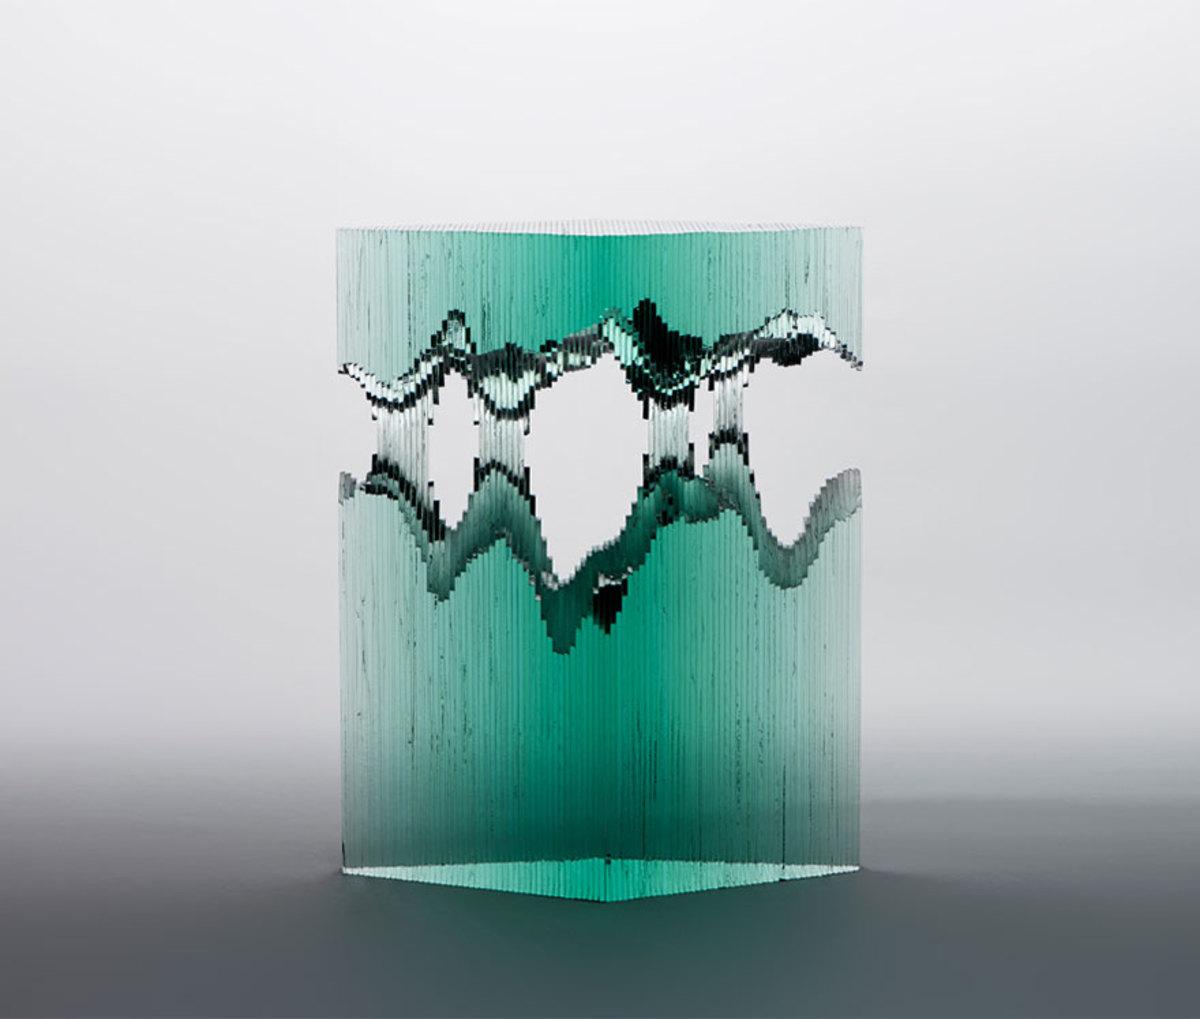 waves-glass-sculpture-ben-young-13